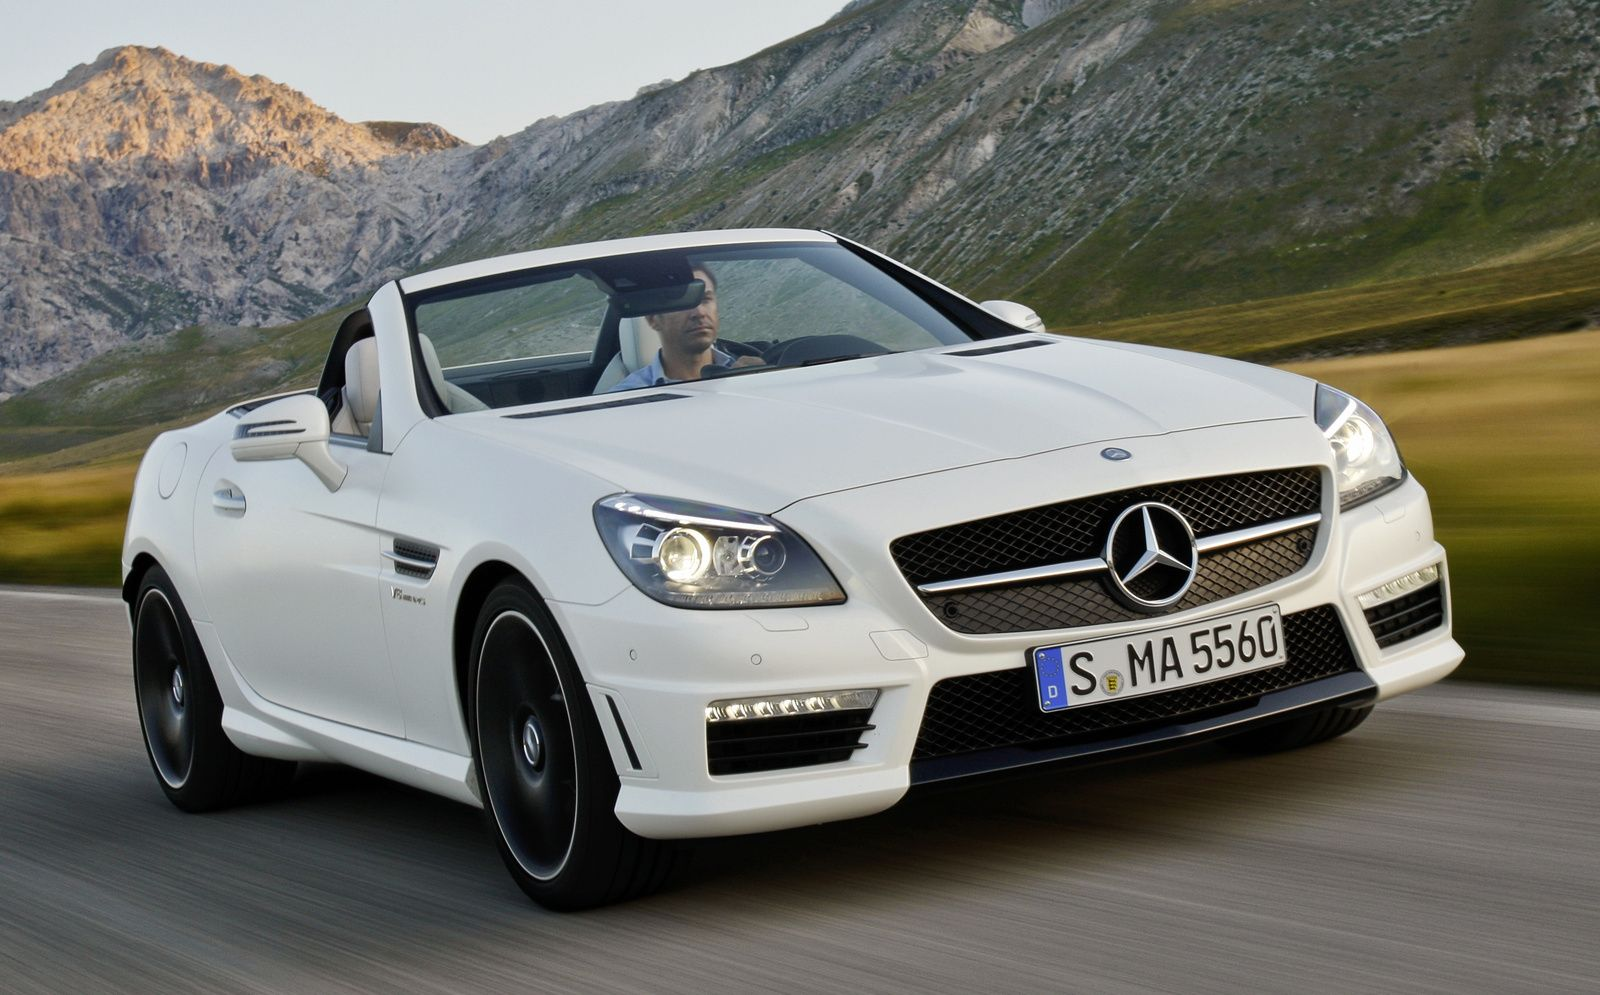 2014 Mercedes Benz Slk Class With Images Mercedes Benz Slk